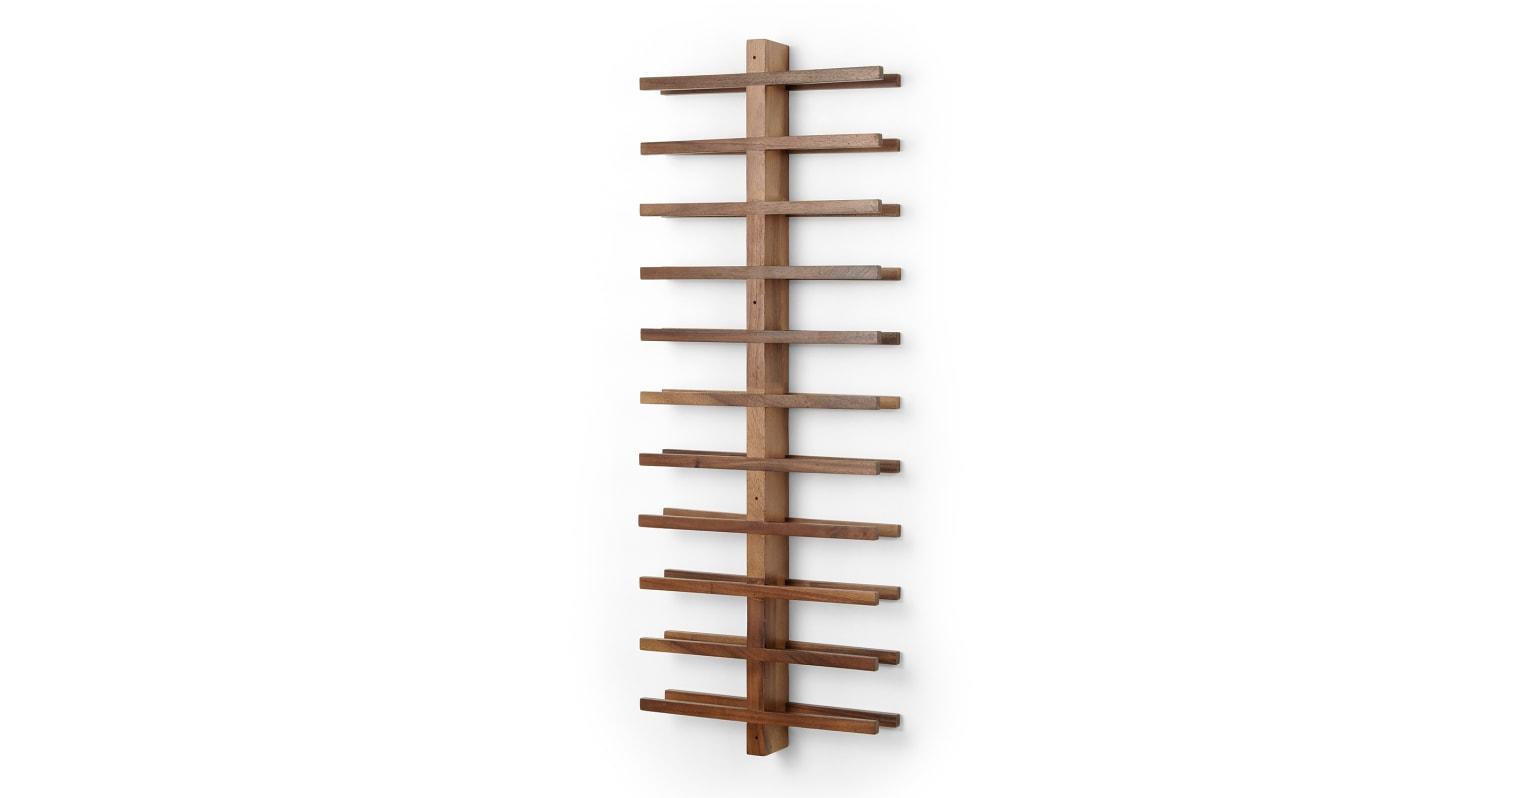 Botellero de madera de acacia para 22 unidades de montaje en pared Clover, natural